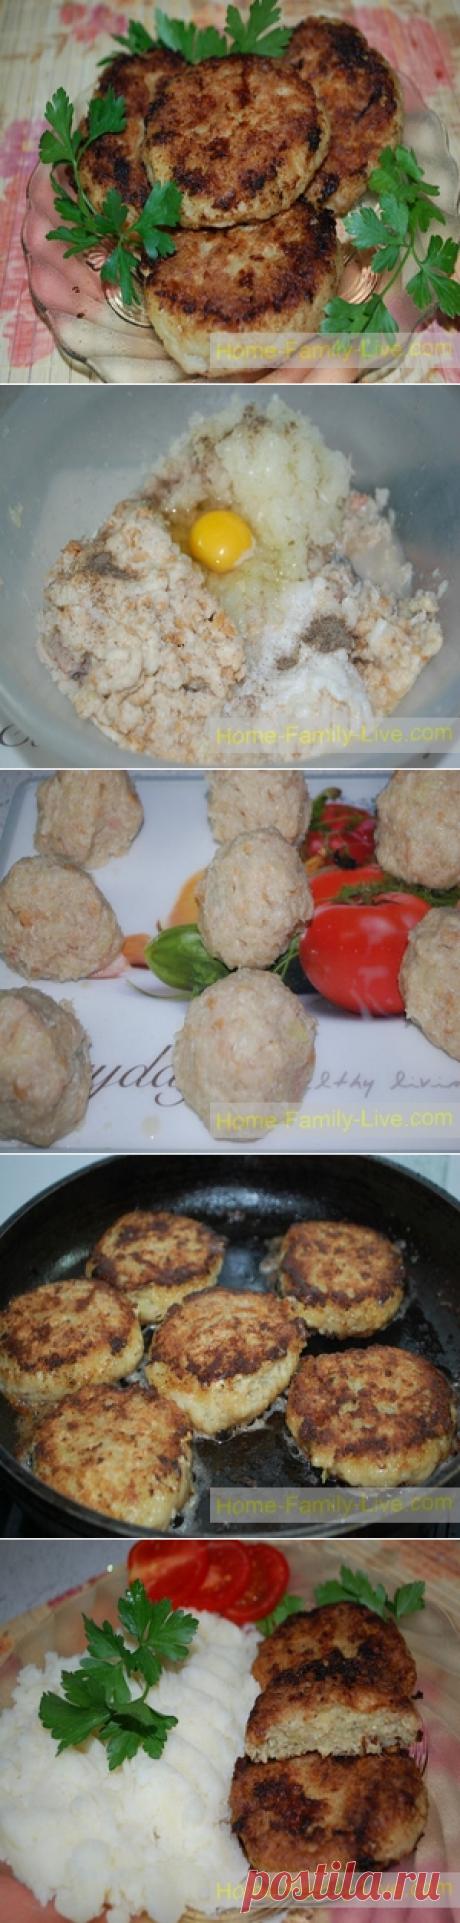 Котлеты рыбные/Сайт с пошаговыми рецептами с фото для тех кто любит готовить